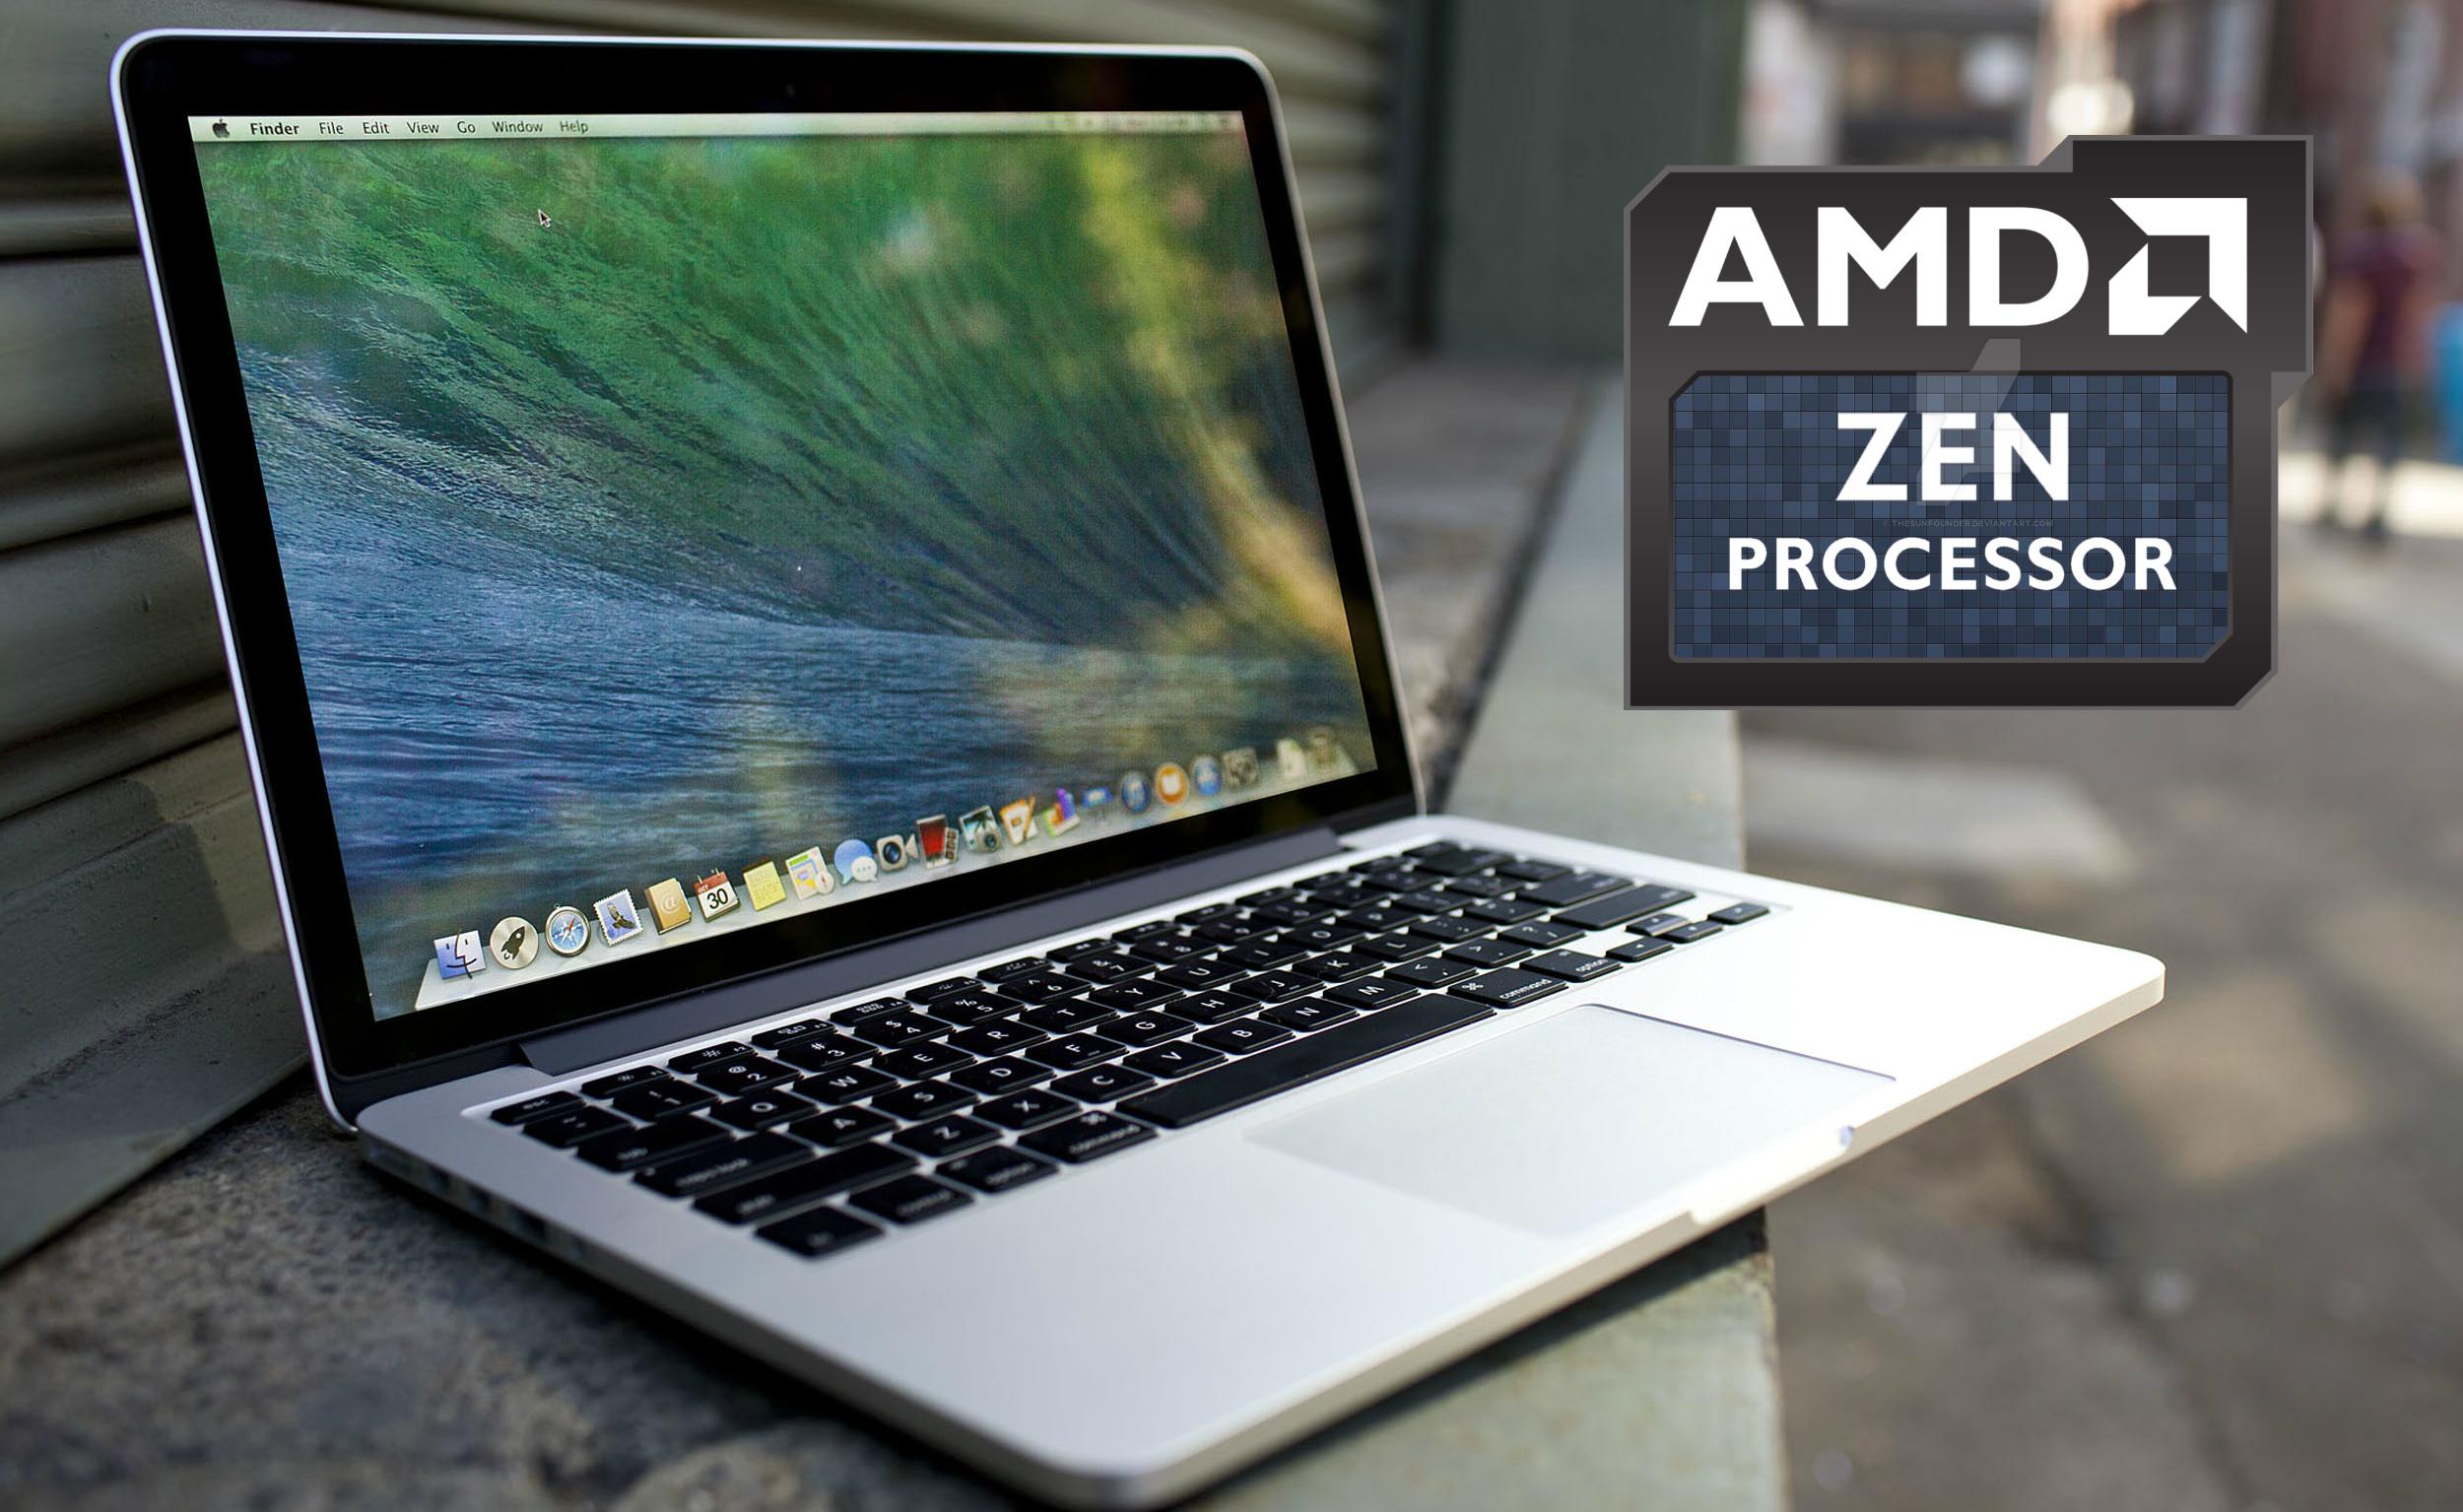 Apple apostaría por AMD Zen para 2017